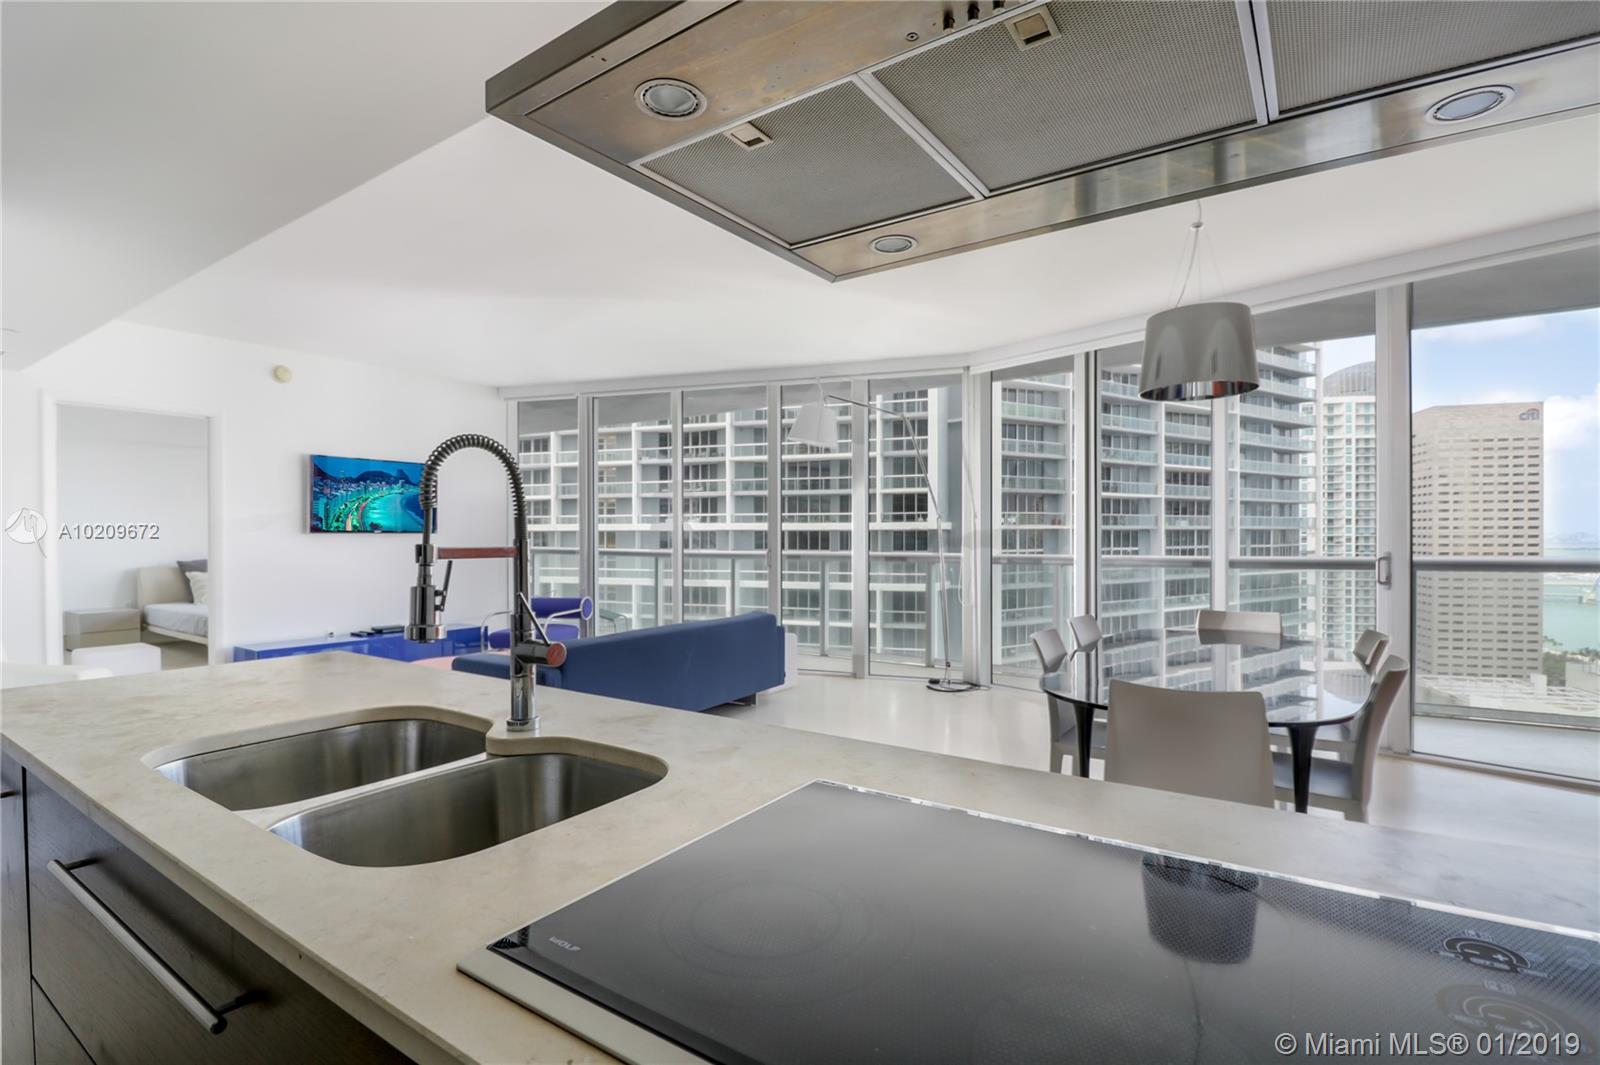 495 Brickell Ave, Miami, FL 33131, Icon Brickell II #2904, Brickell, Miami A10209672 image #4